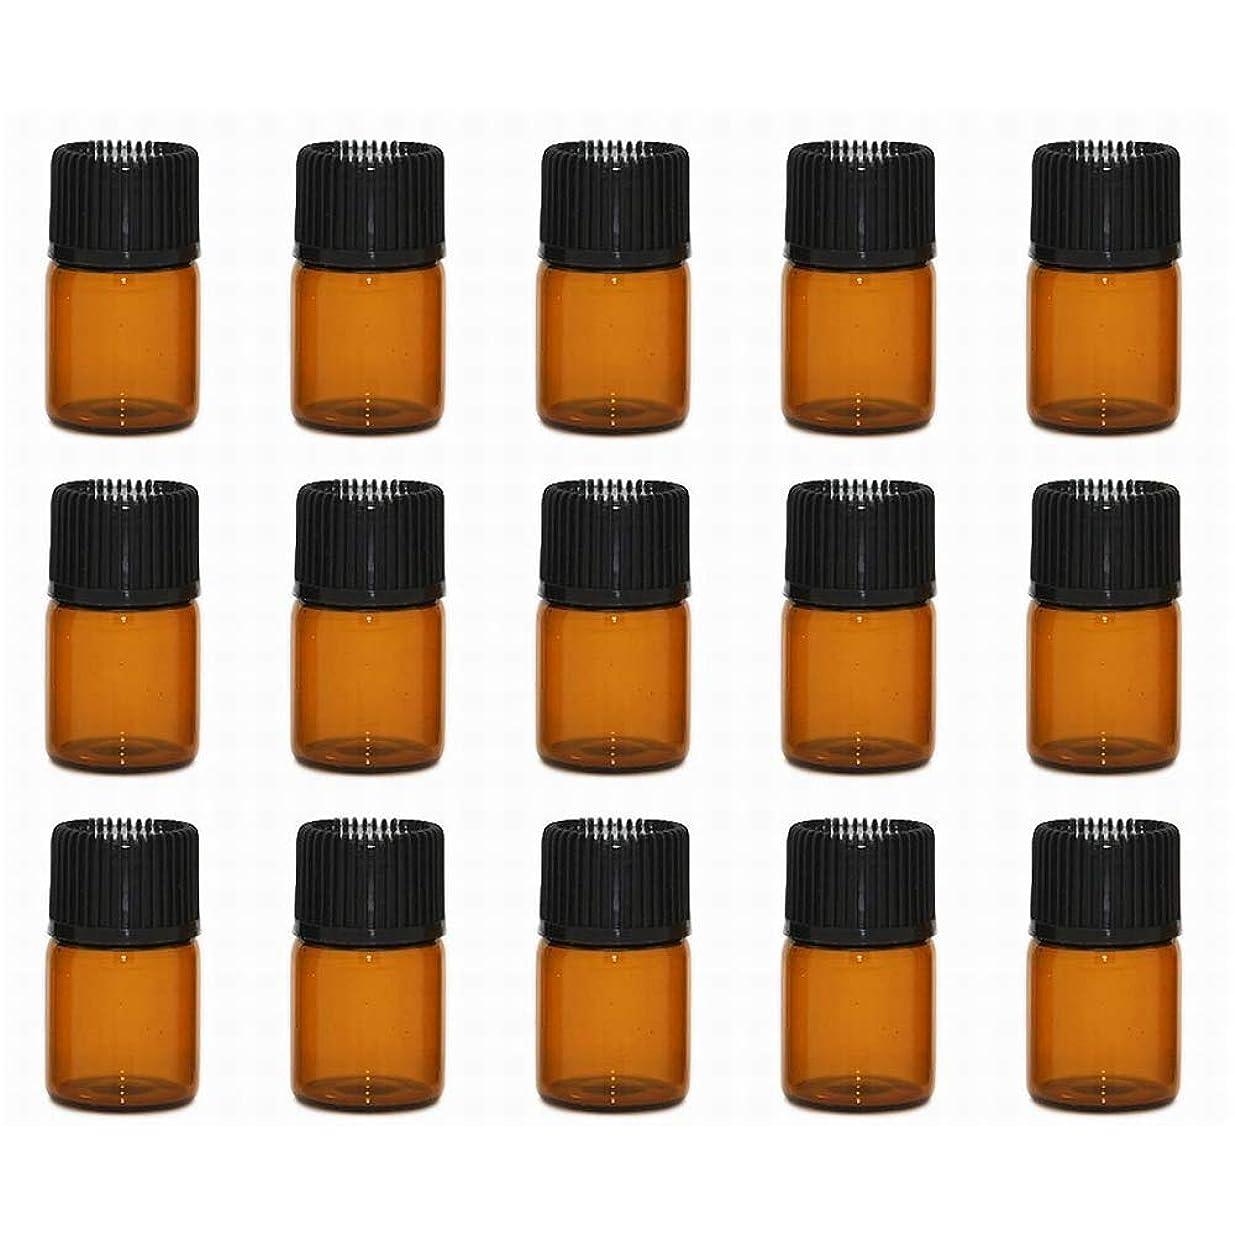 結核省略する磁気アロマオイル 精油 小分け用 遮光瓶 セット (1ml 20本 セット)